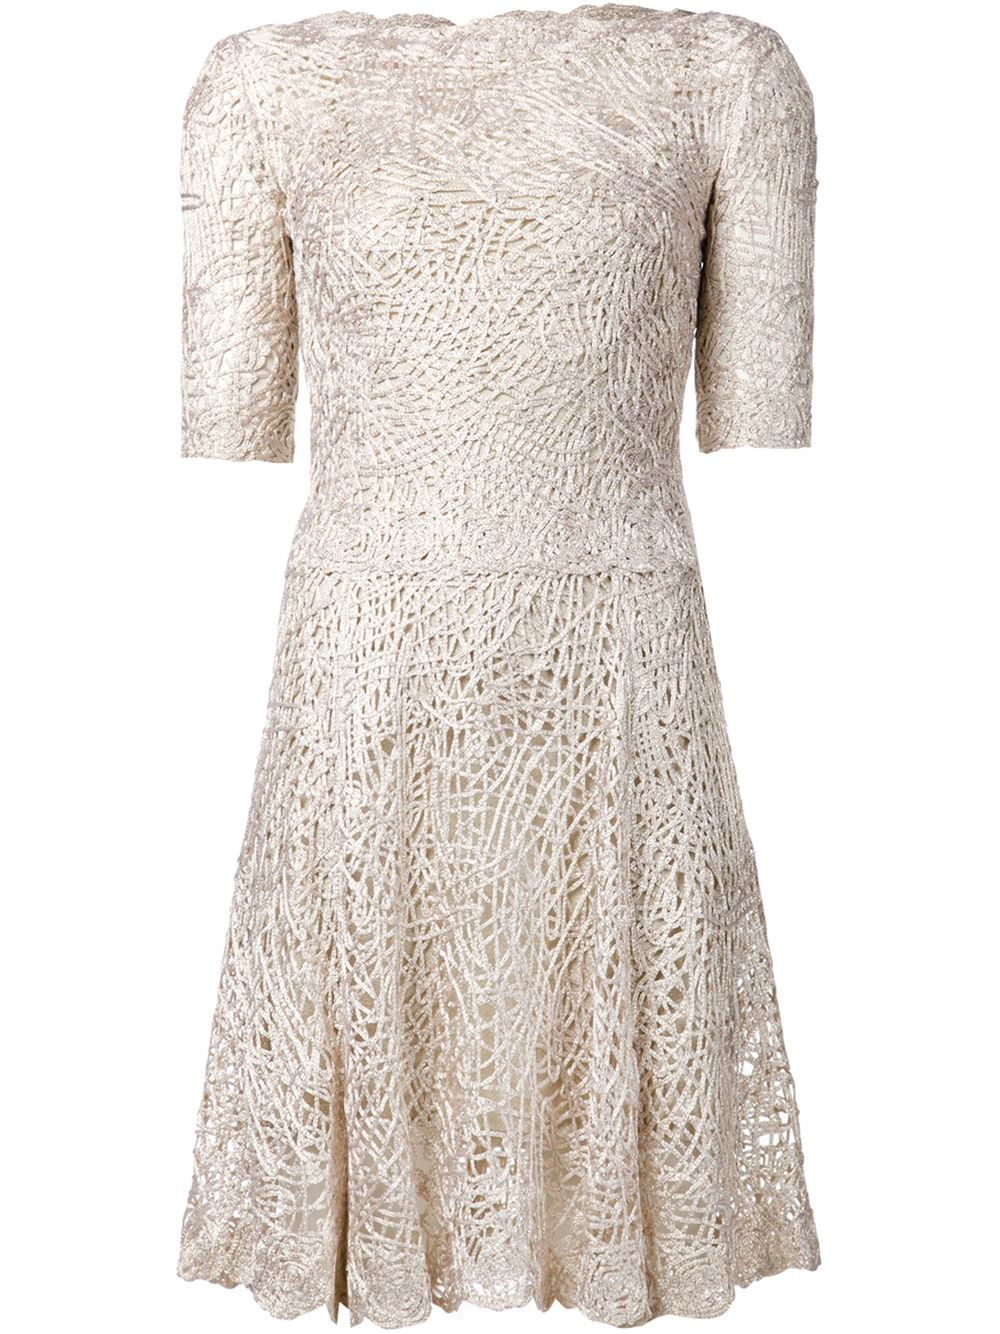 Lyst Oscar De La Renta Birds Nest Crochet Dress In Metallic